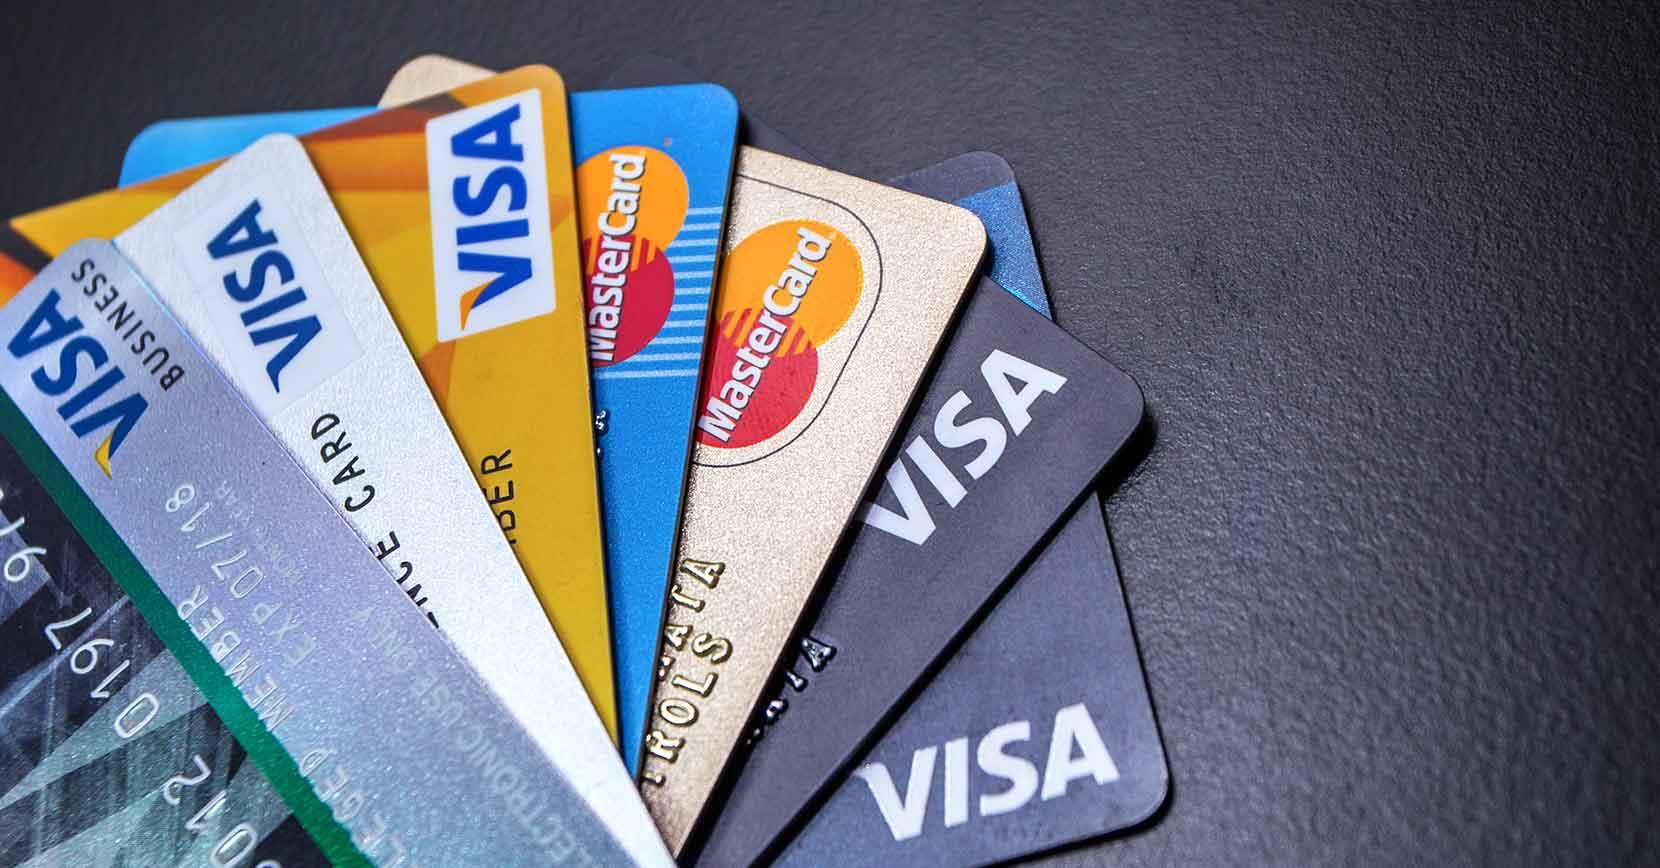 VISA, MasterCard ou American Express: qual o melhor para viajar?